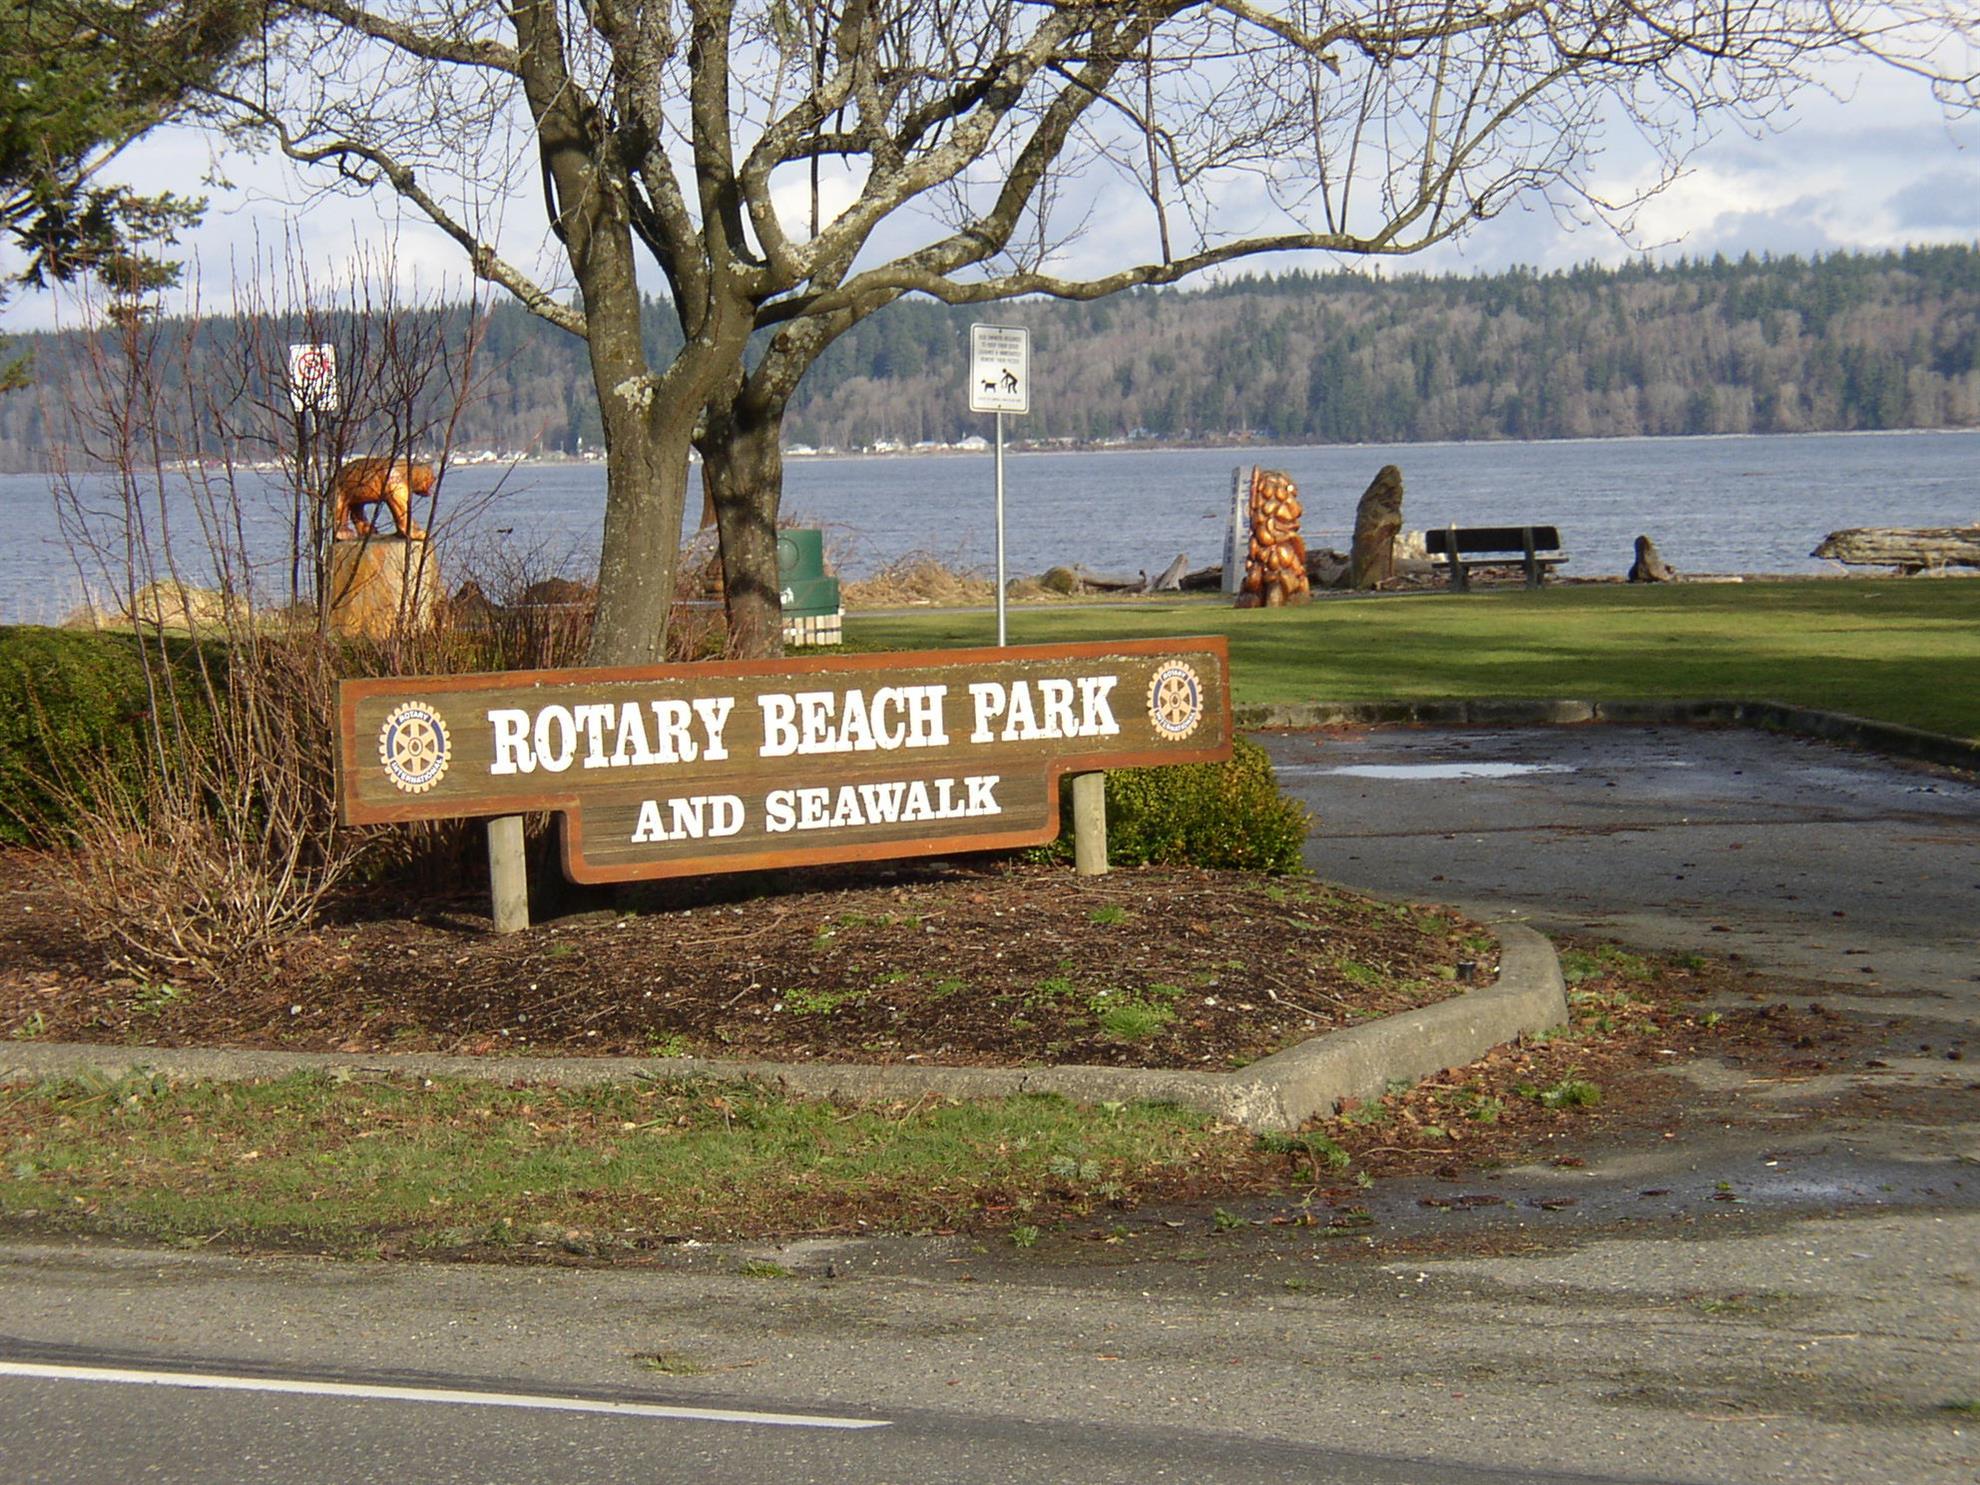 Rotary Beach Park